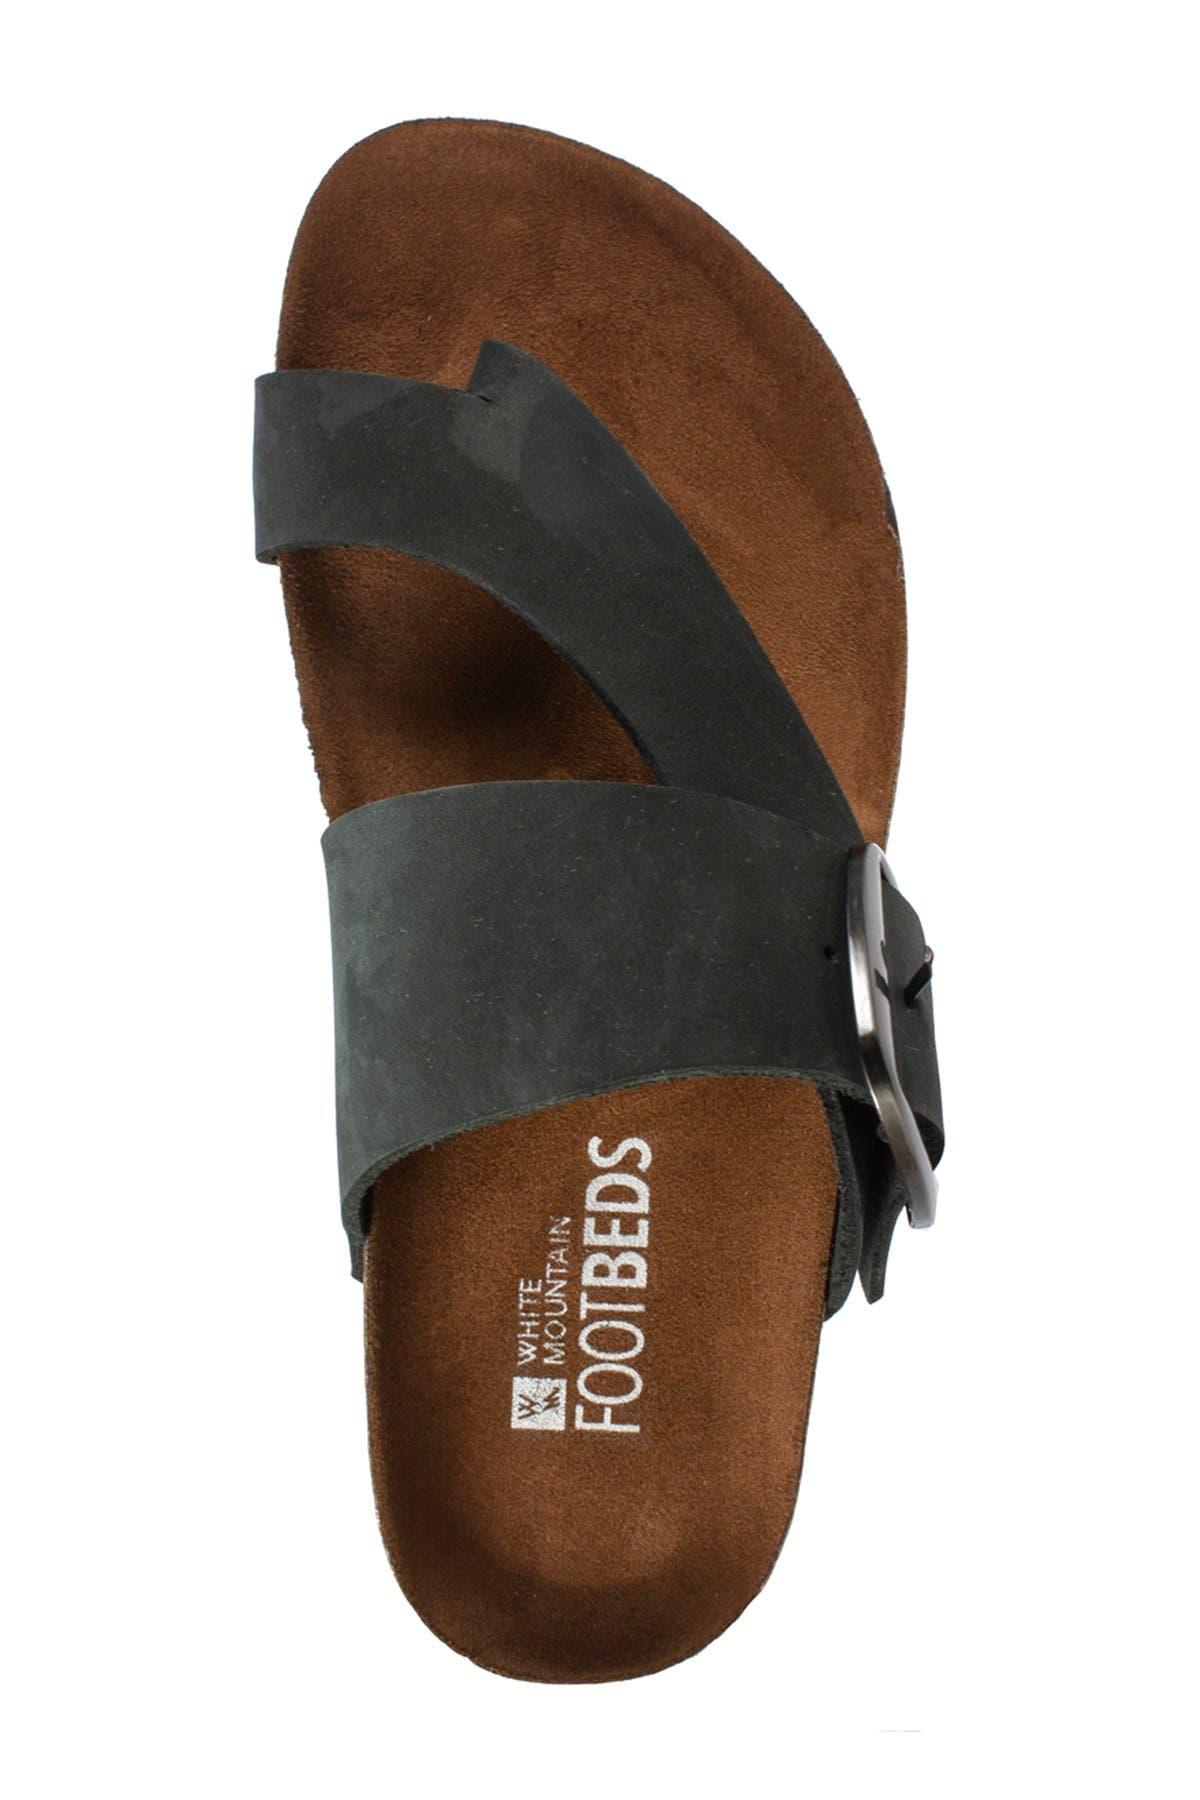 Harley Buckled Footbed Sandal